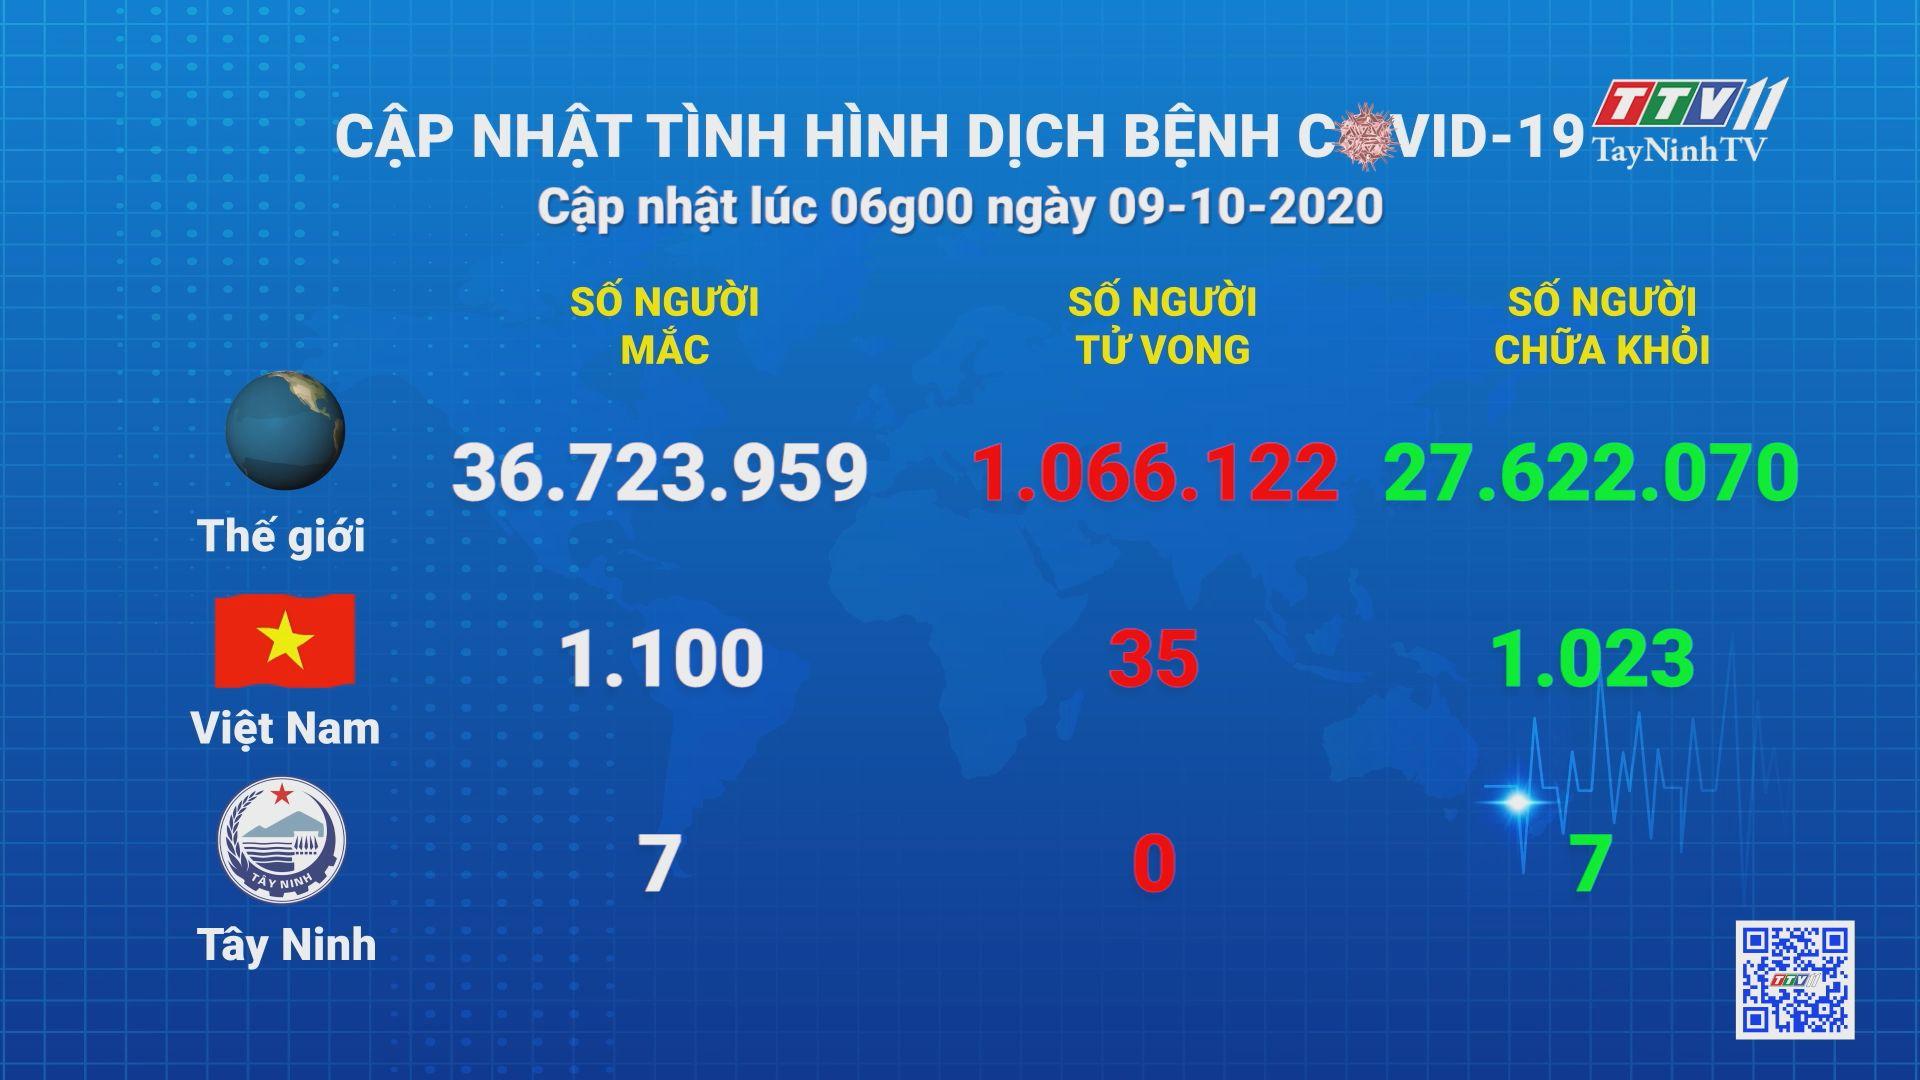 Cập nhật tình hình Covid-19 vào lúc 06 giờ 09-10-2020 | Thông tin dịch Covid-19 | TayNinhTV